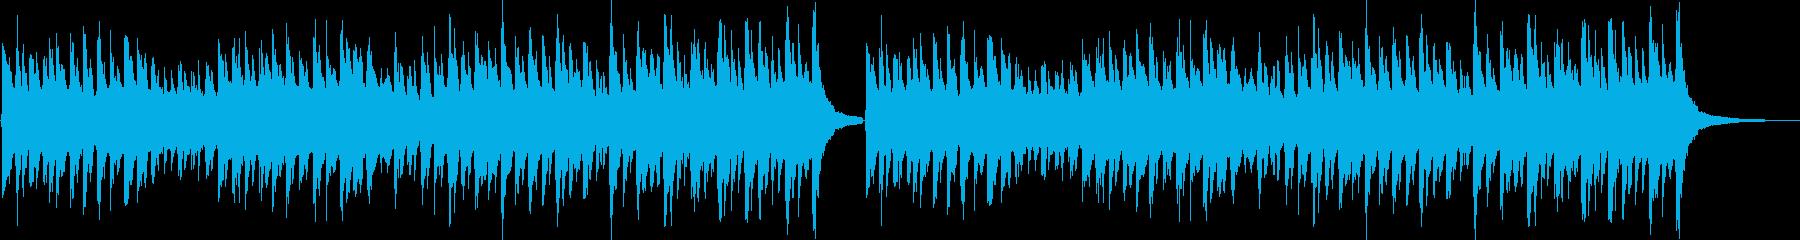 子供向けのコミカルなジングル(ロング)の再生済みの波形